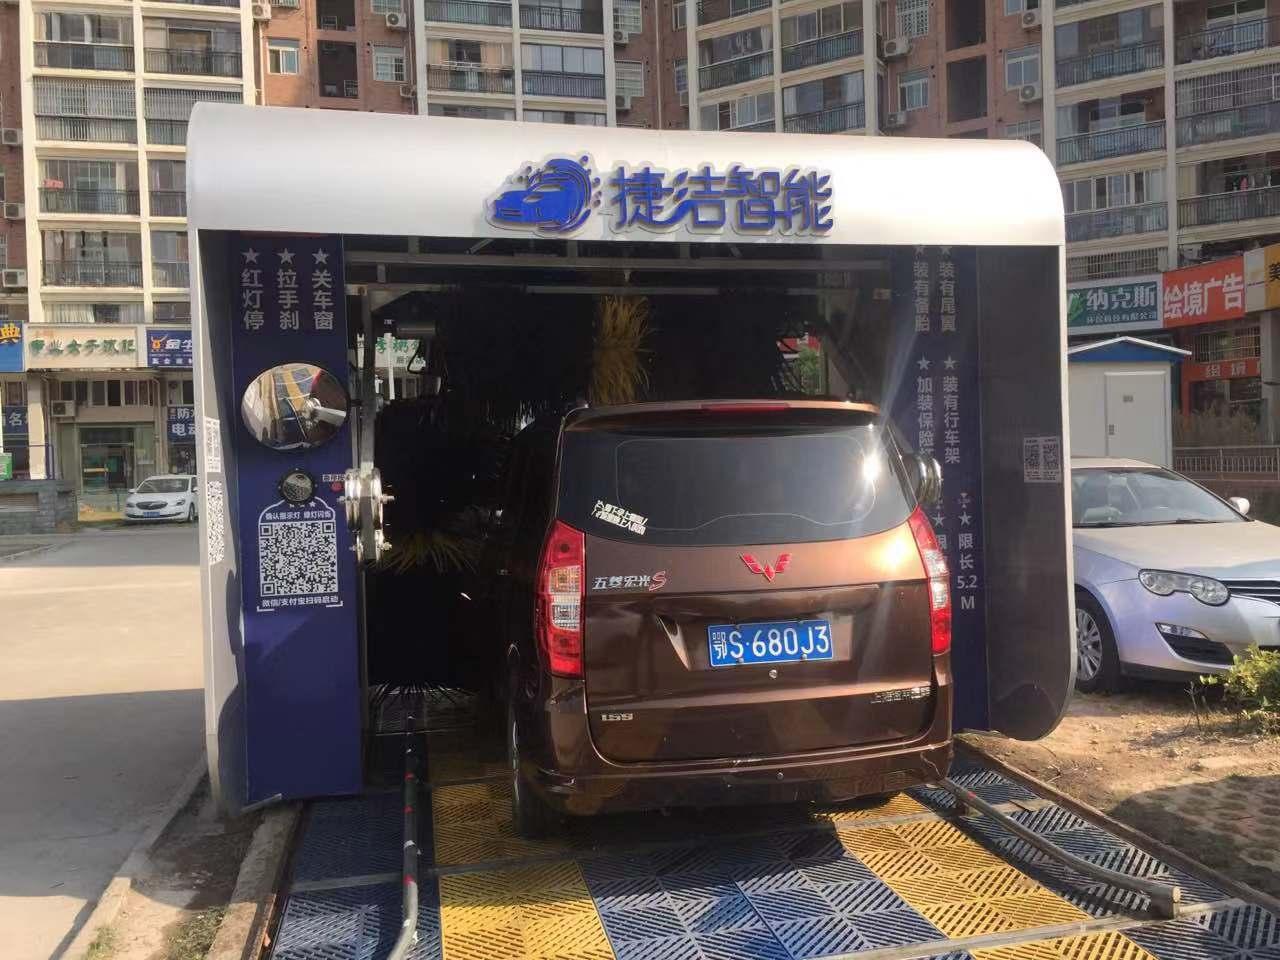 武昌智能洗车机供应商-湖北可靠的捷洁智能无人值守智能洗车设备供应商是哪家